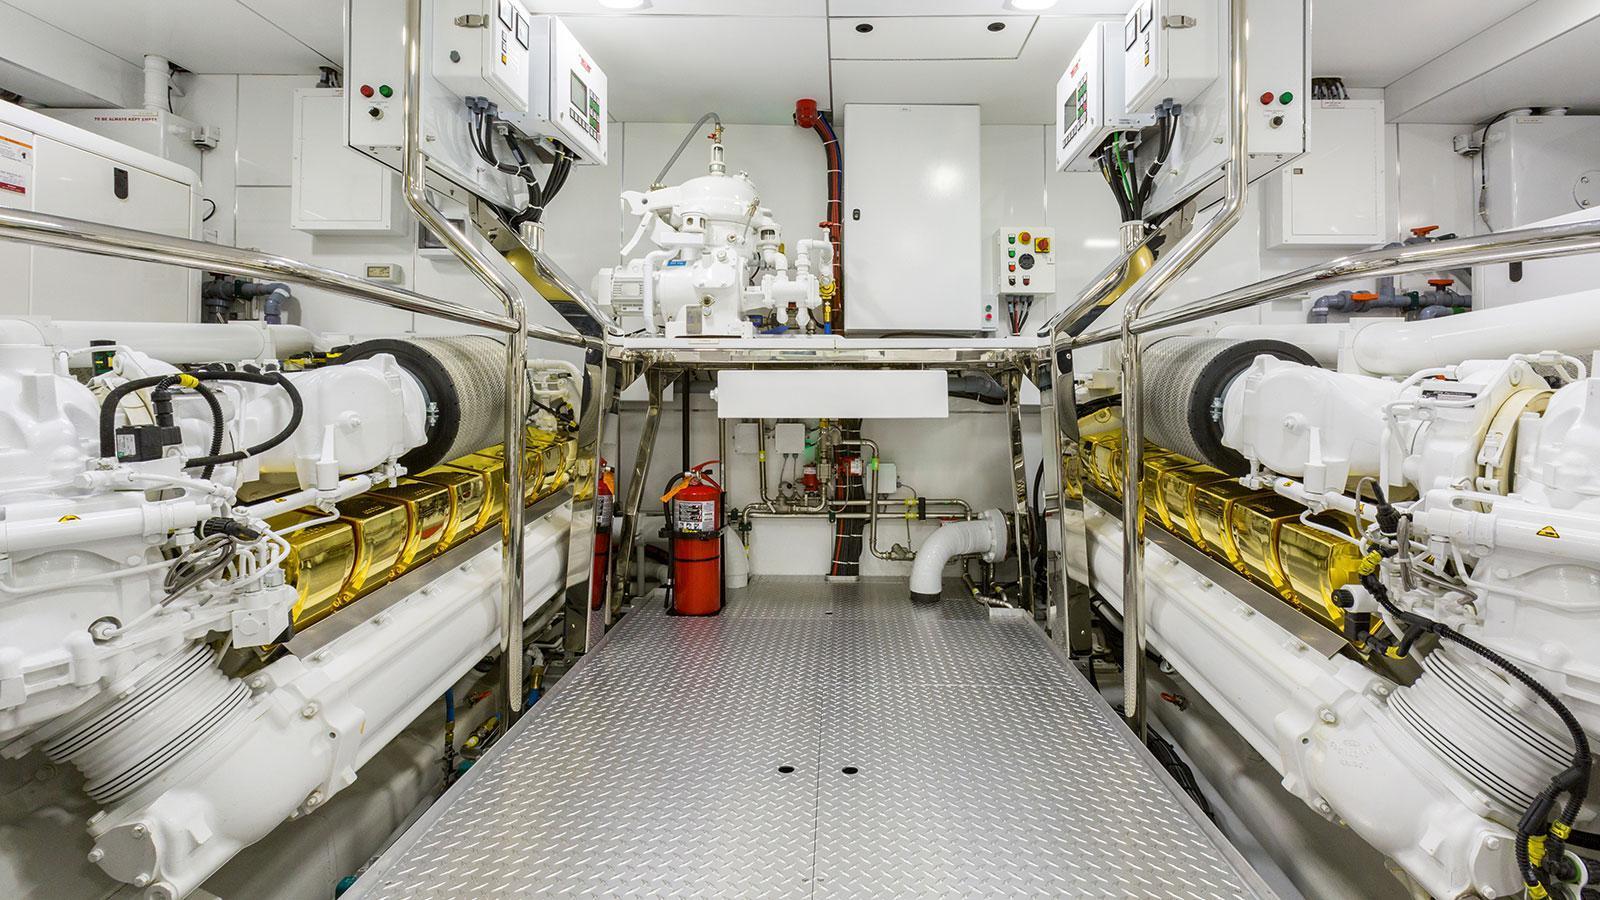 khaliha-motor-yacht-palmer-johnson-super-sport-48-2014-49m-engine-blocks